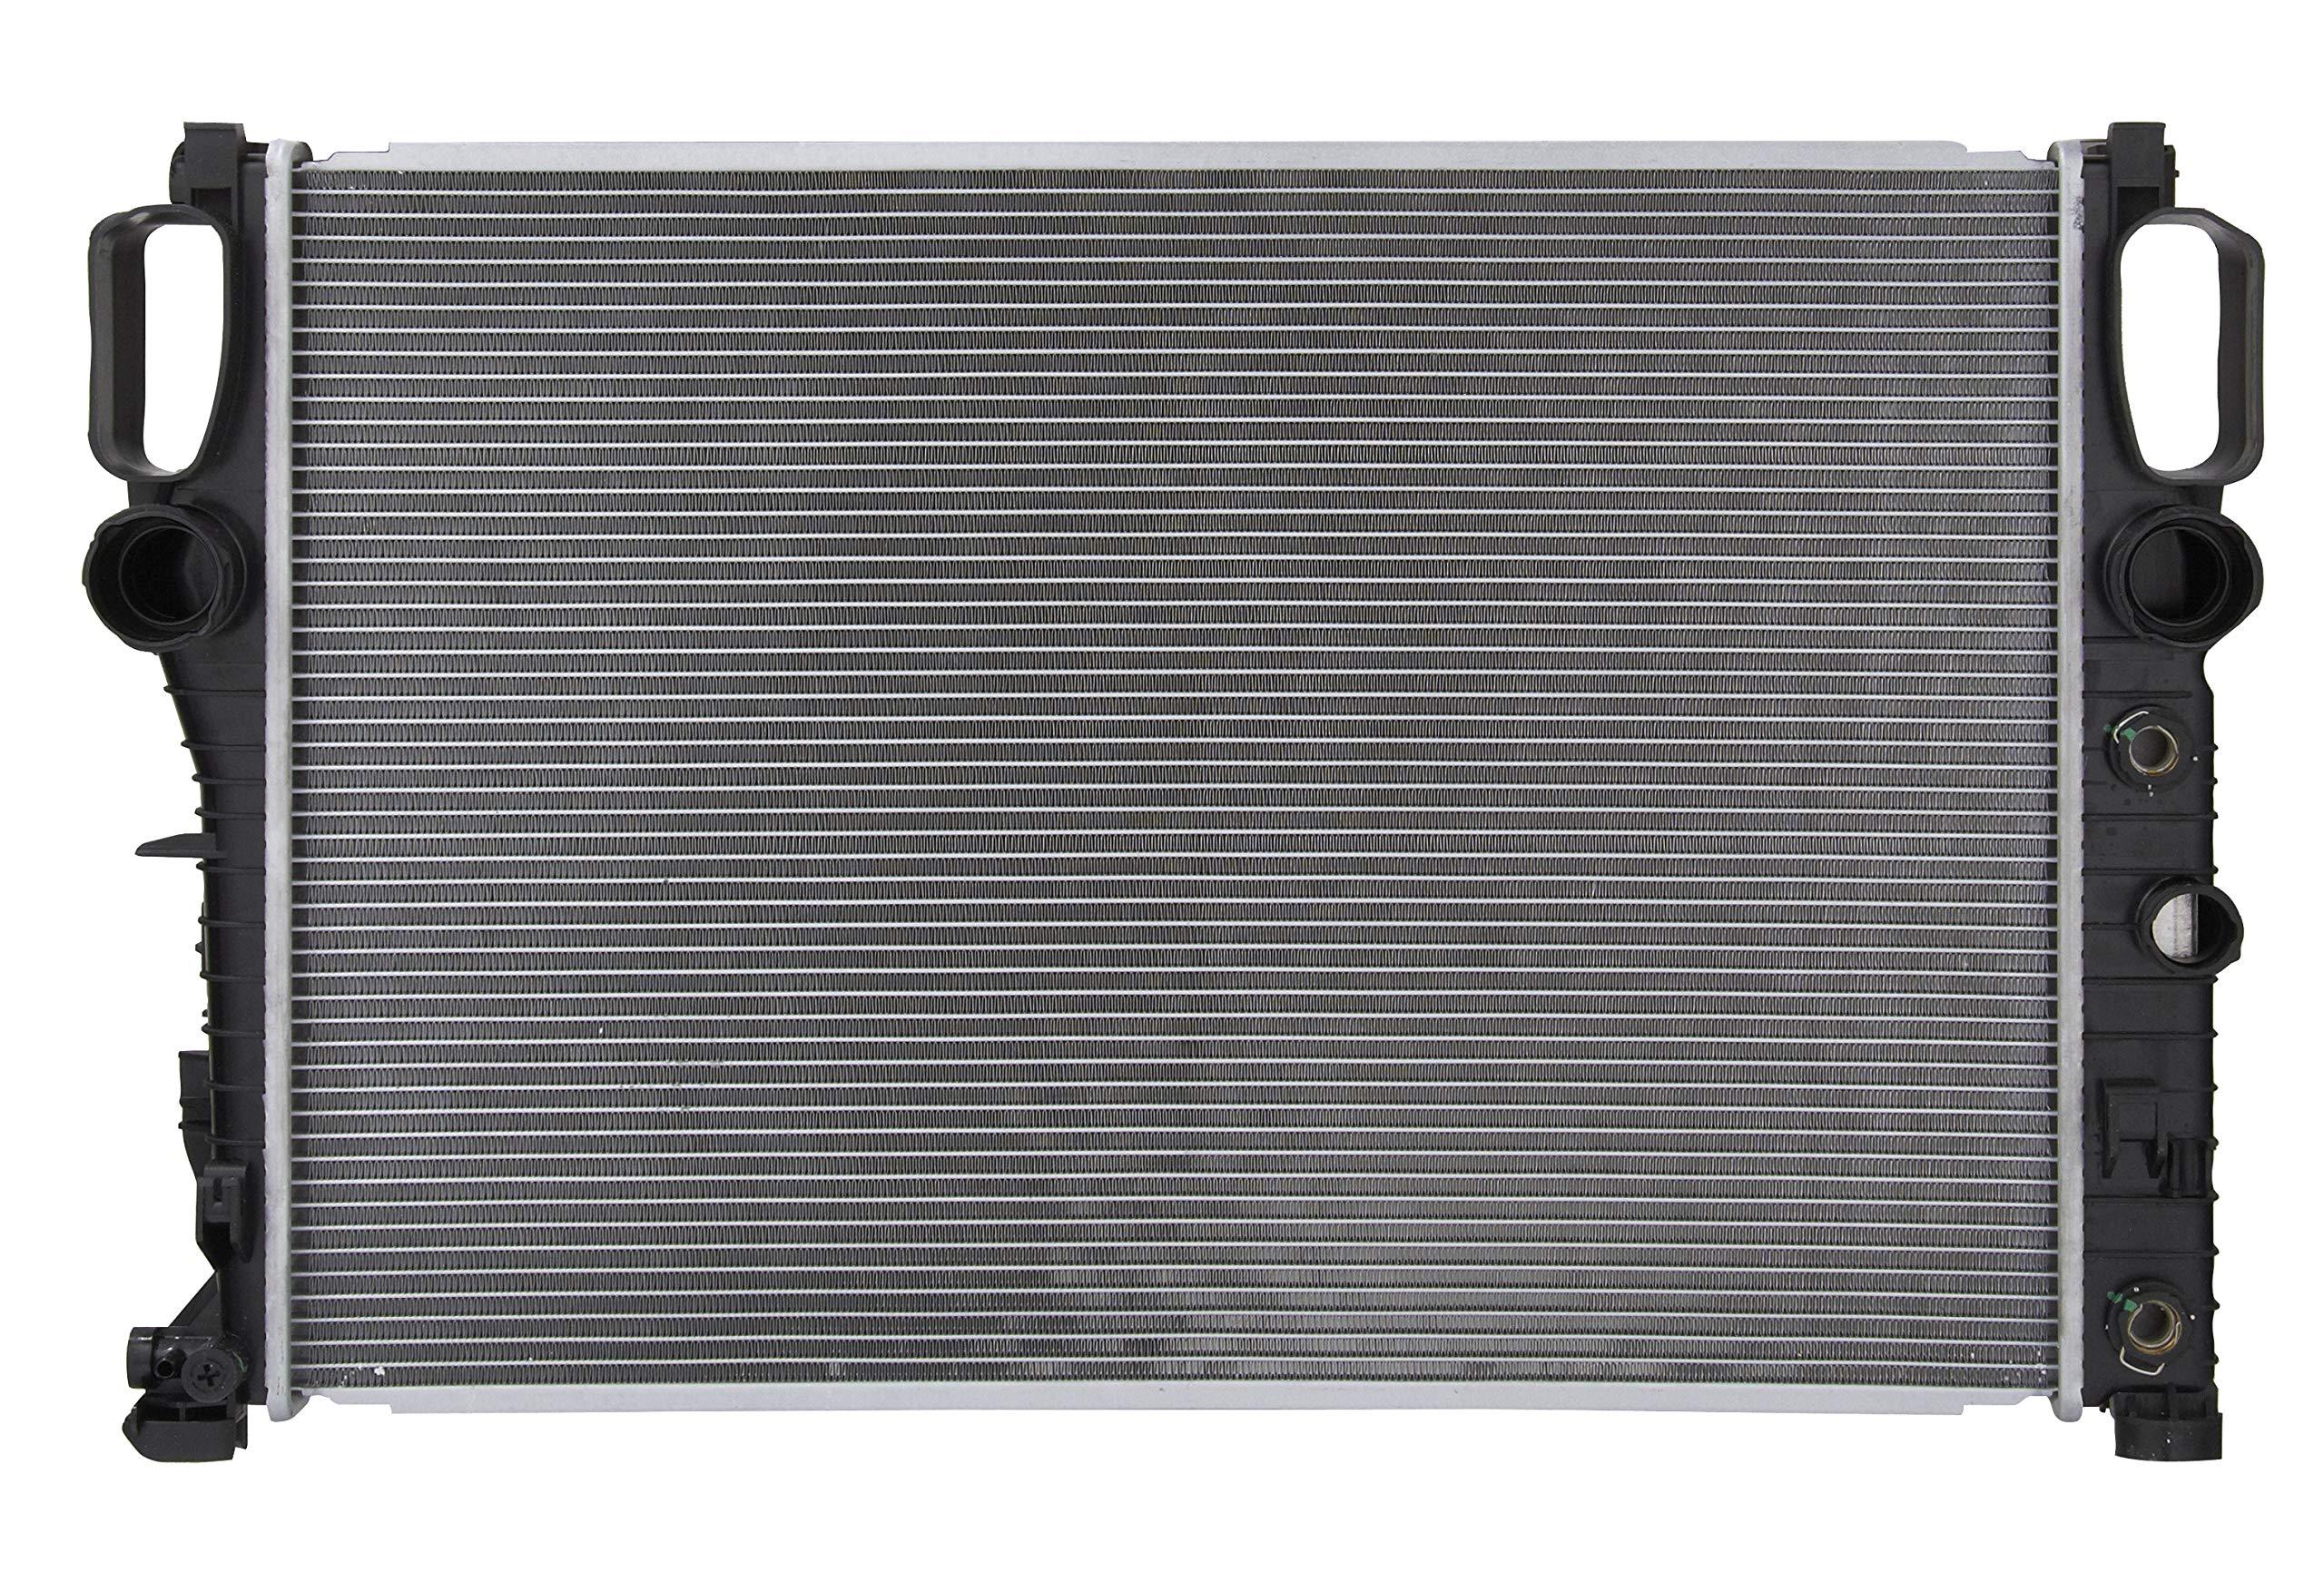 Spectra Premium CU2868 Complete Radiator by Spectra Premium (Image #1)